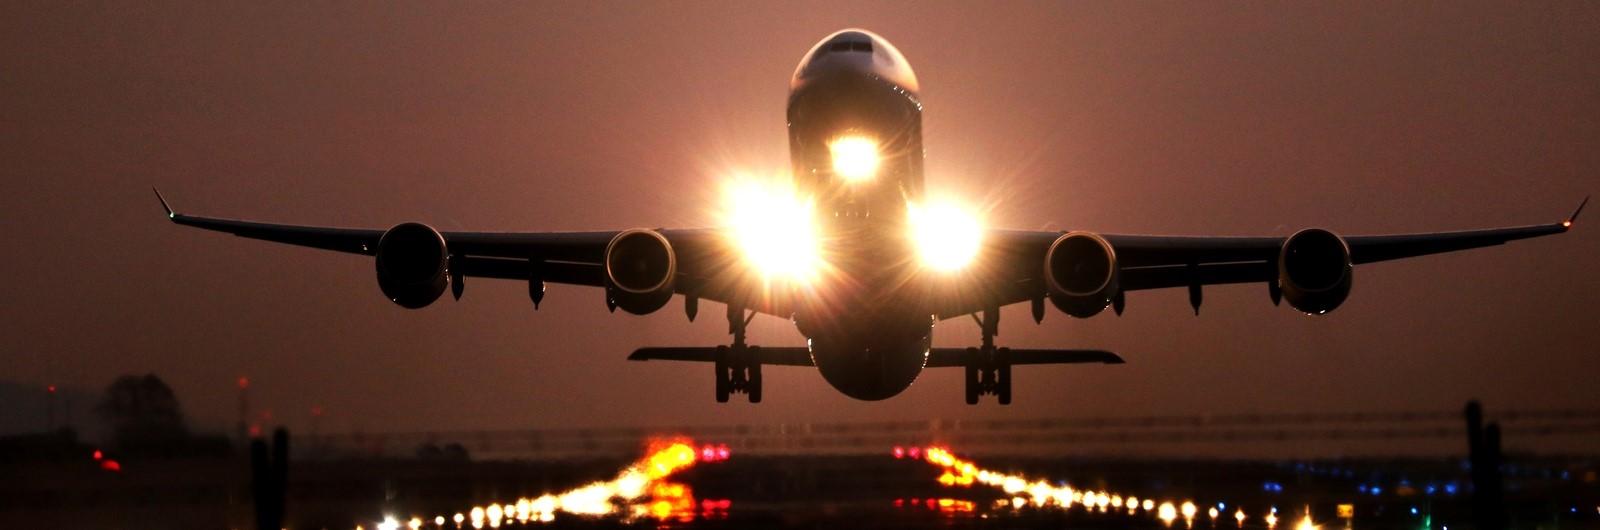 airport generic 6